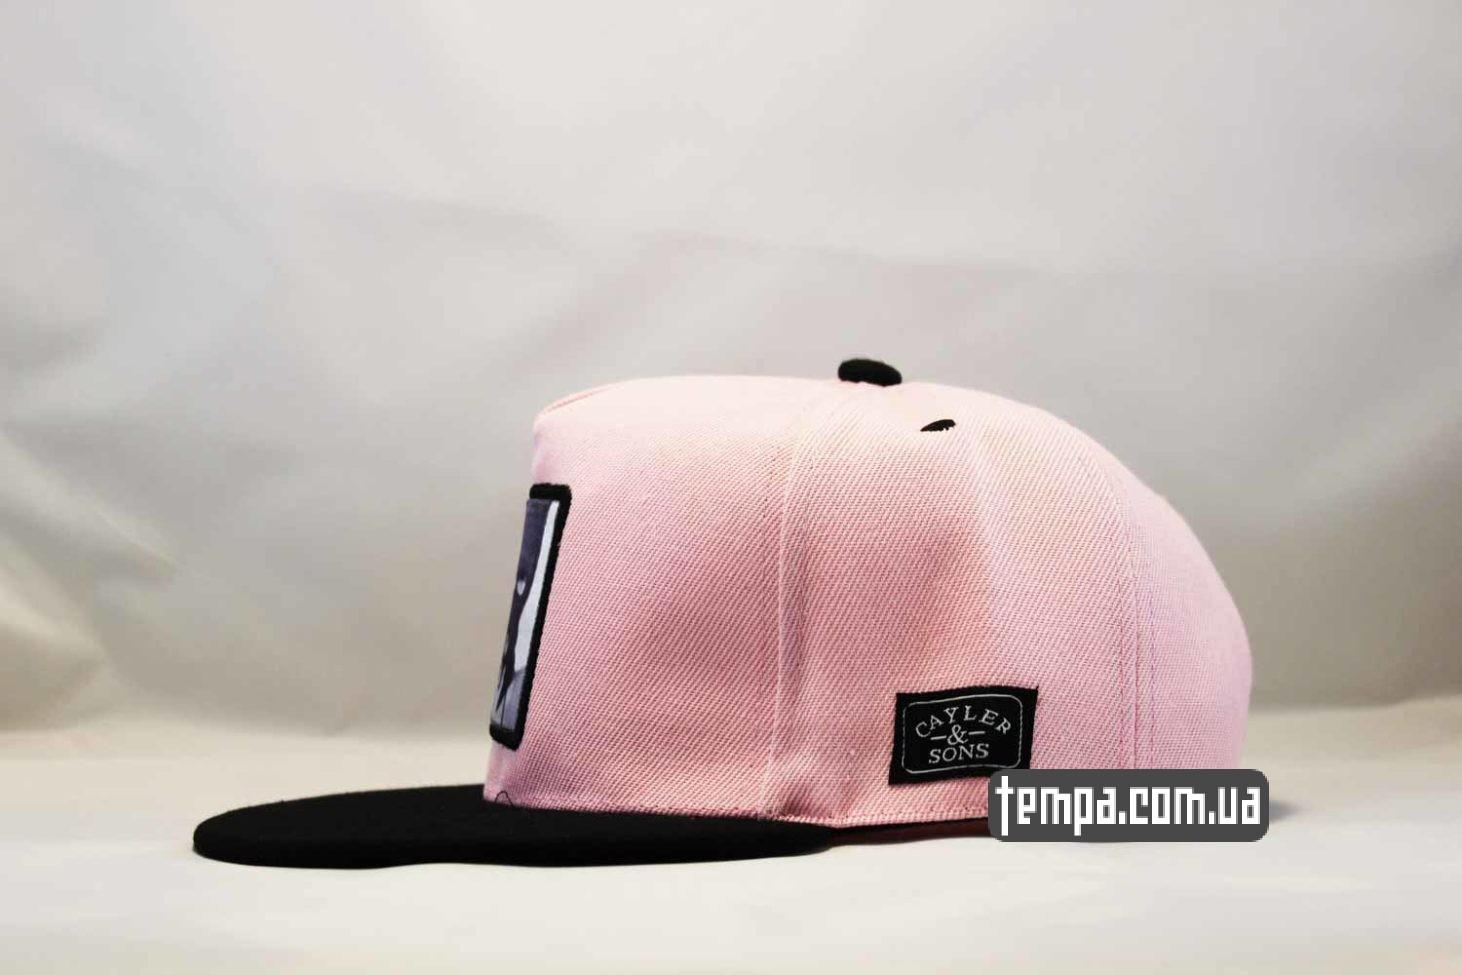 реперская бейсболка кепка snapback pink killer cayler and sons розовая